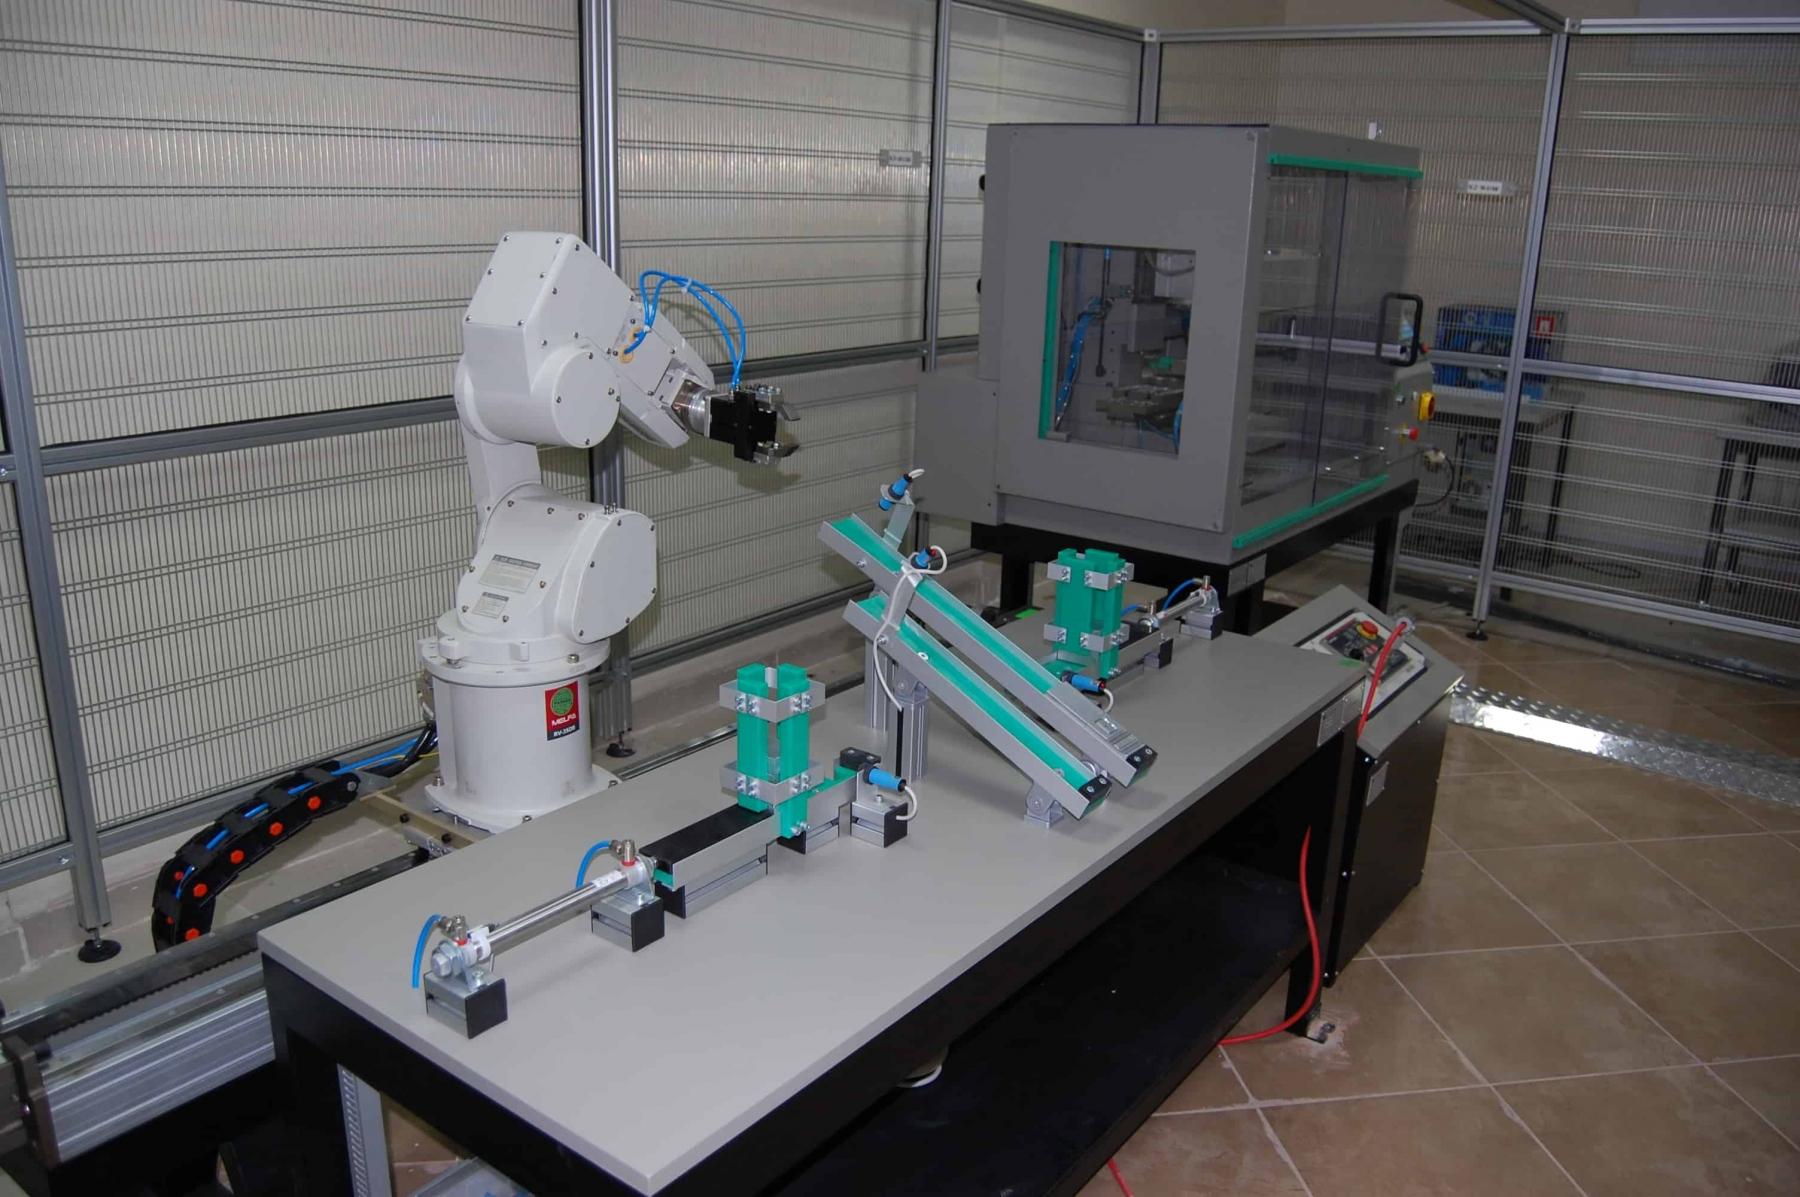 Magazzino con robot